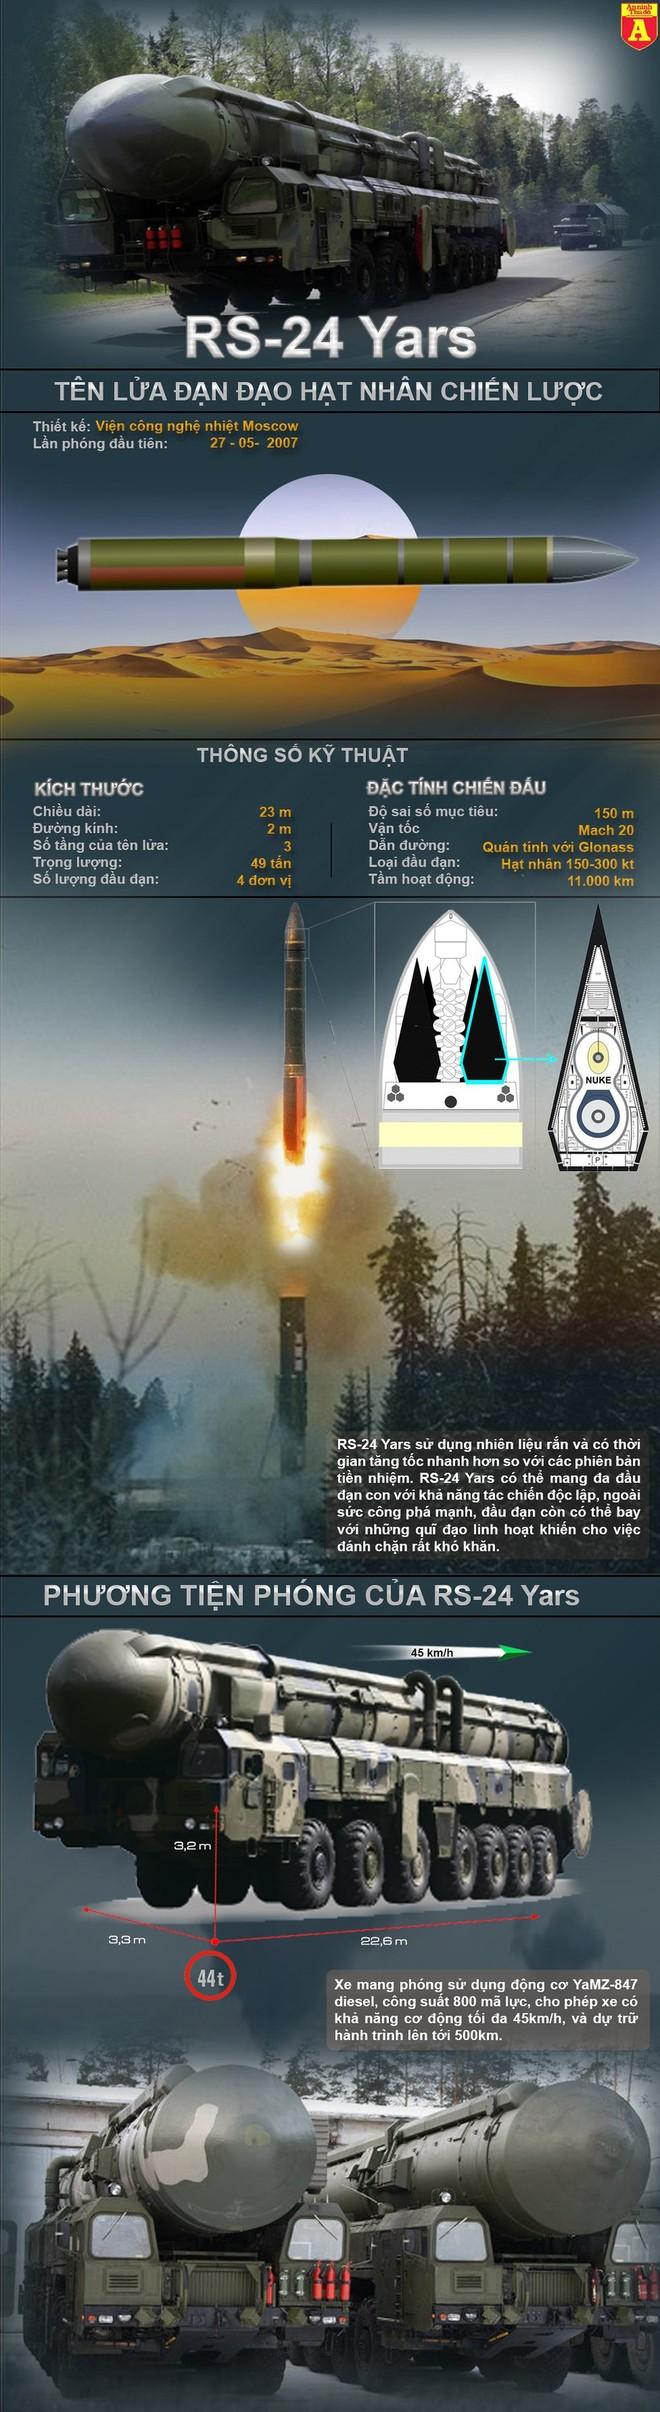 """[Info] """"Sát thủ hạt nhân"""" RS-24 Yars ngay cả Mỹ cũng khó phá hủy chứ đừng nói tới Azerbaijan ảnh 2"""